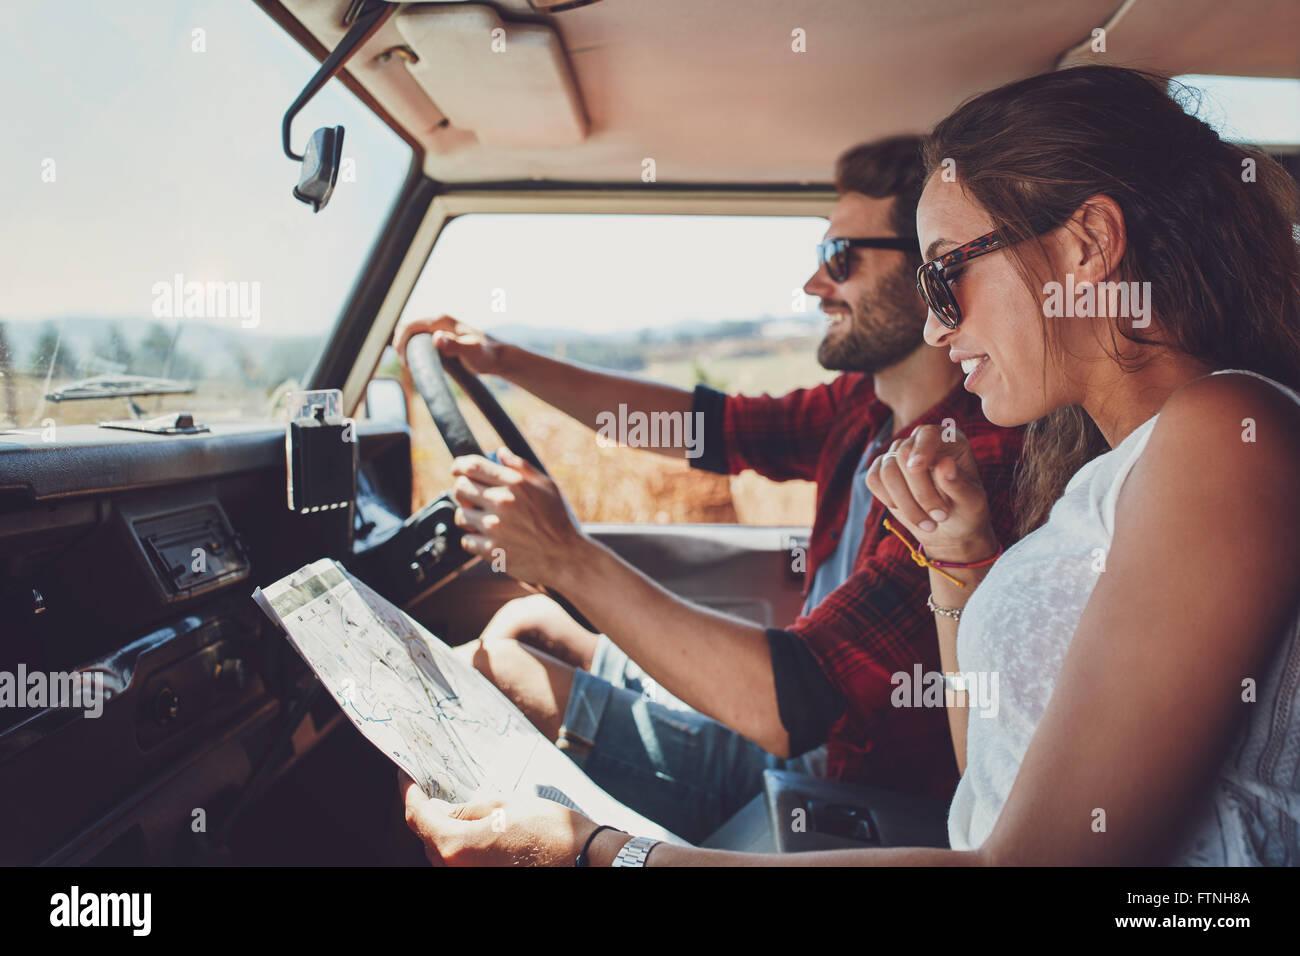 Vue latérale du jeune couple à l'aide d'une carte sur un roadtrip pour les directions. Young man Photo Stock